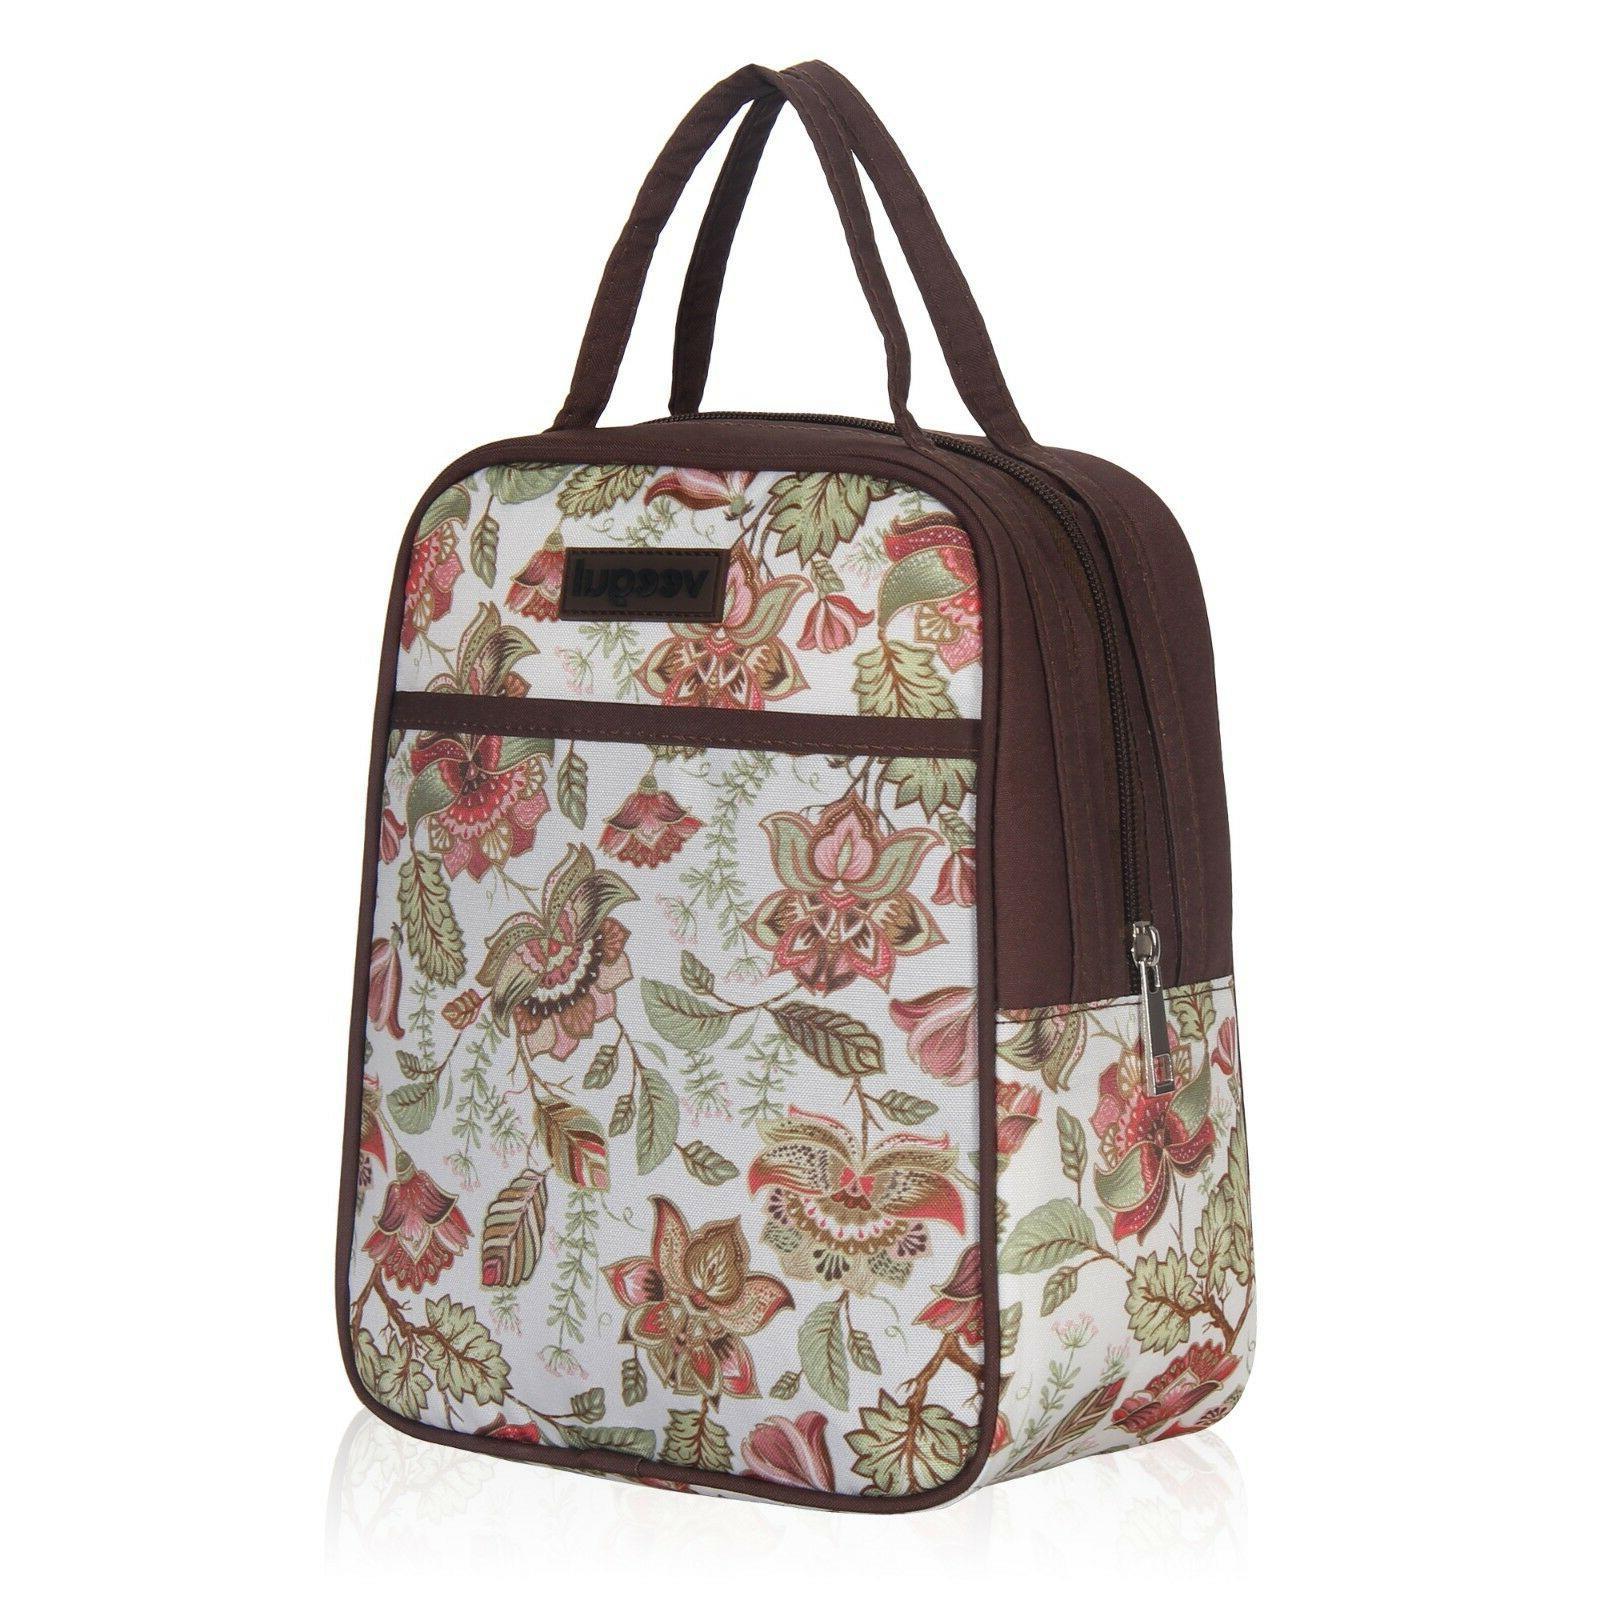 Recycle Bag Tote Bag